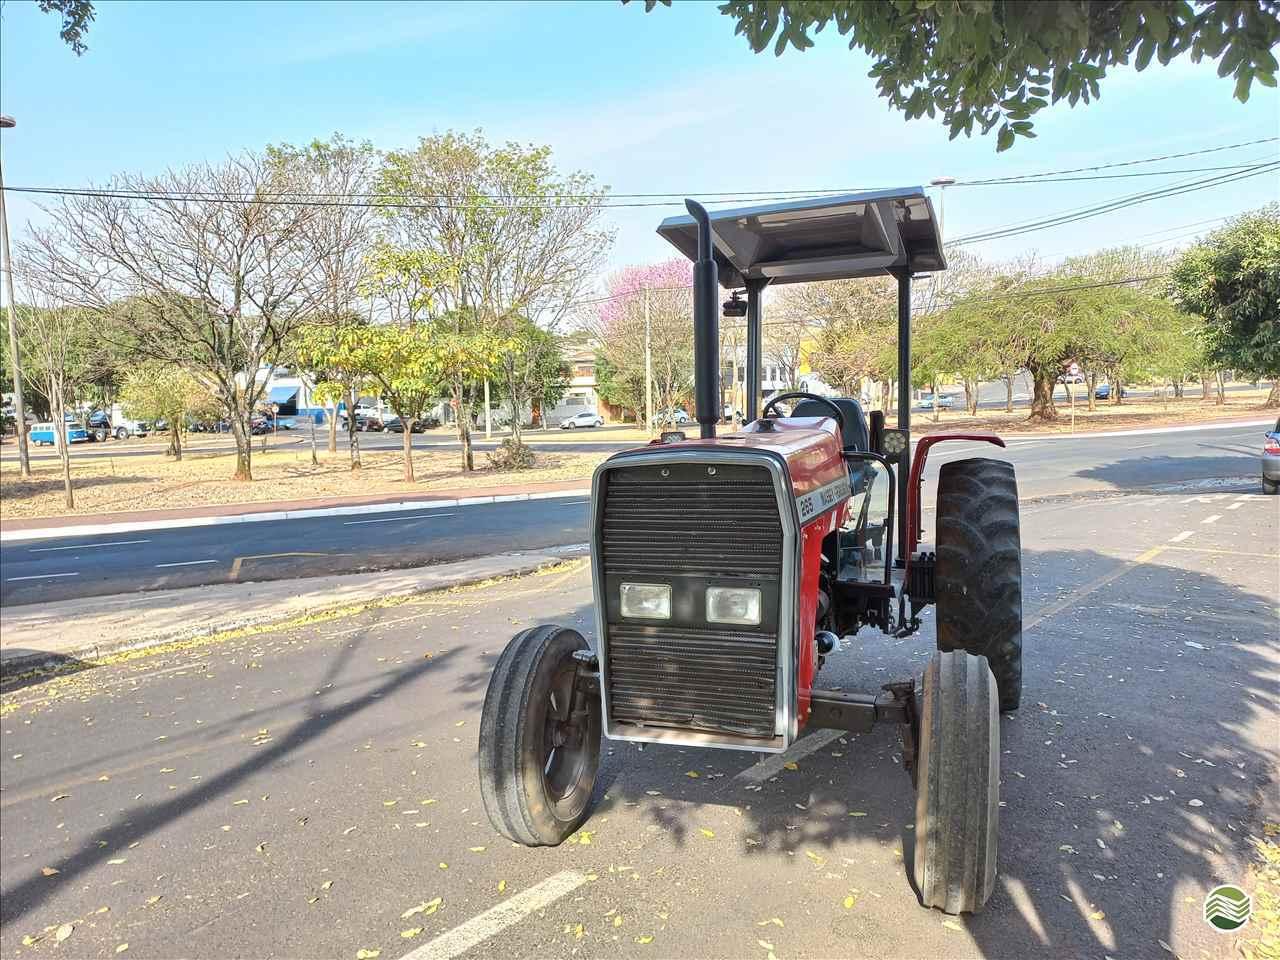 TRATOR MASSEY FERGUSON MF 265 Tração 4x2 Rei dos Tratores São José do Rio Preto SÃO PAULO SP